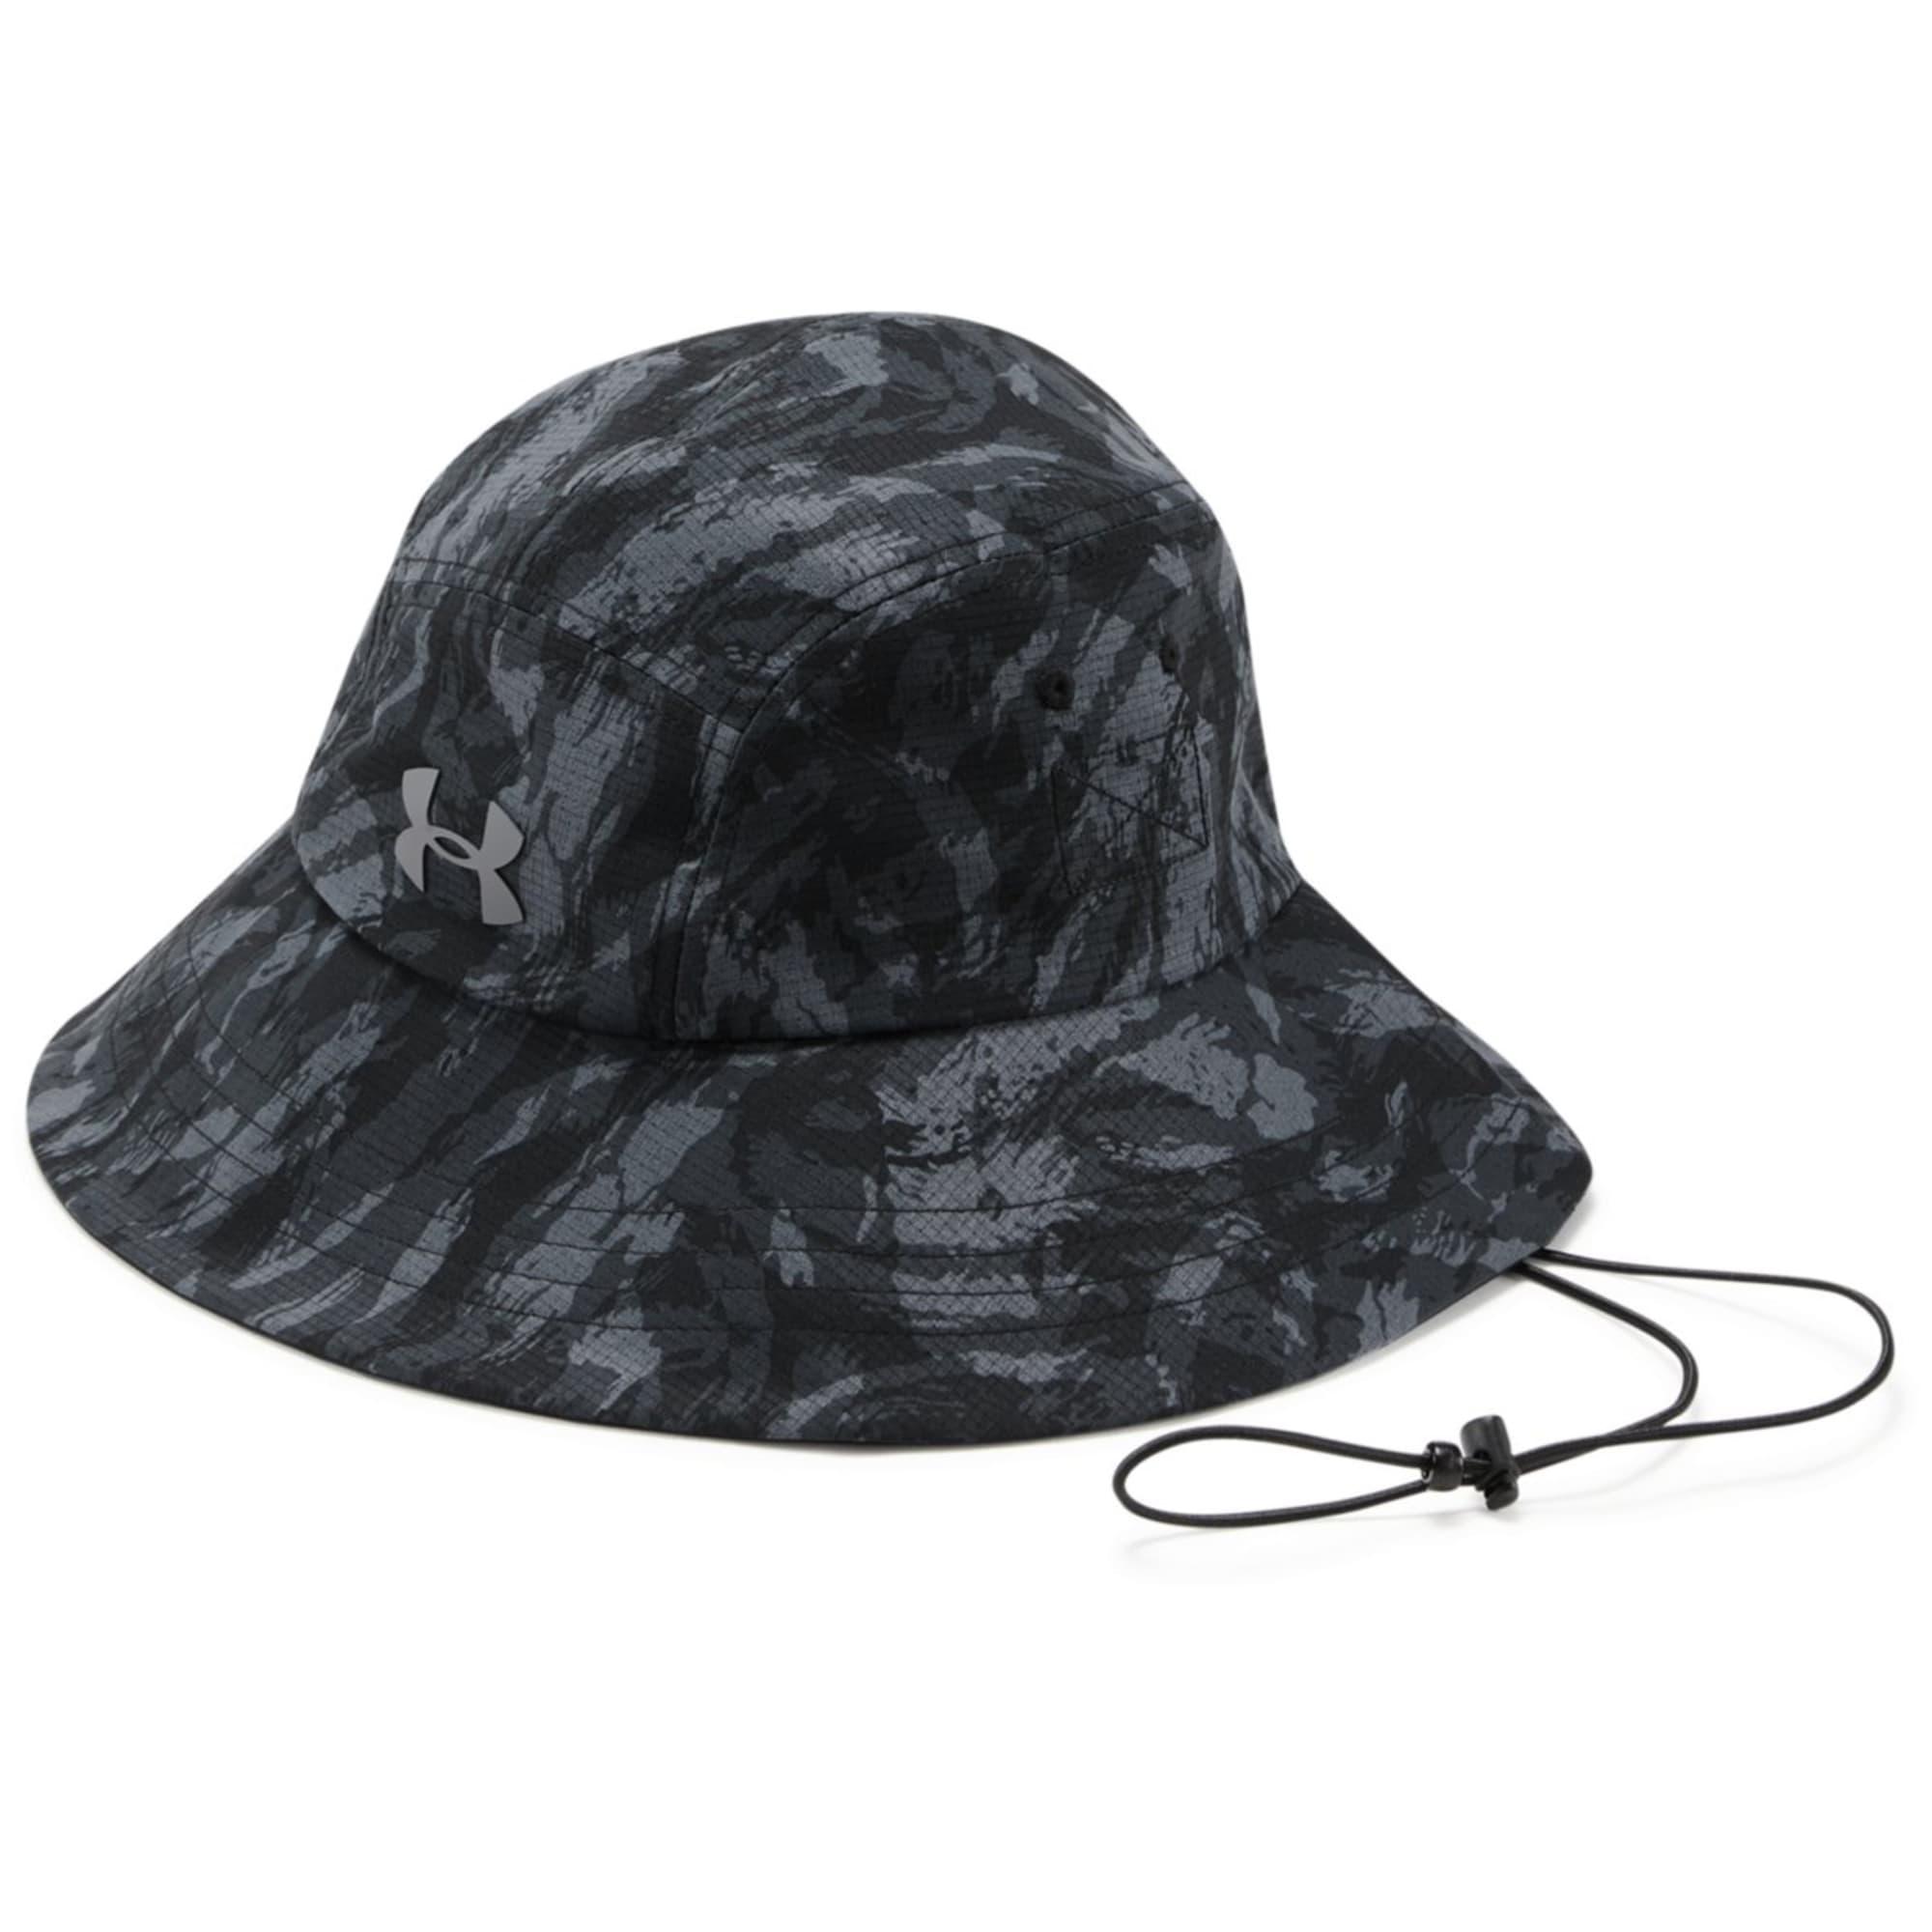 Under Armour Men/'s ArmourVent Warrior 2.0 Bucket Hat